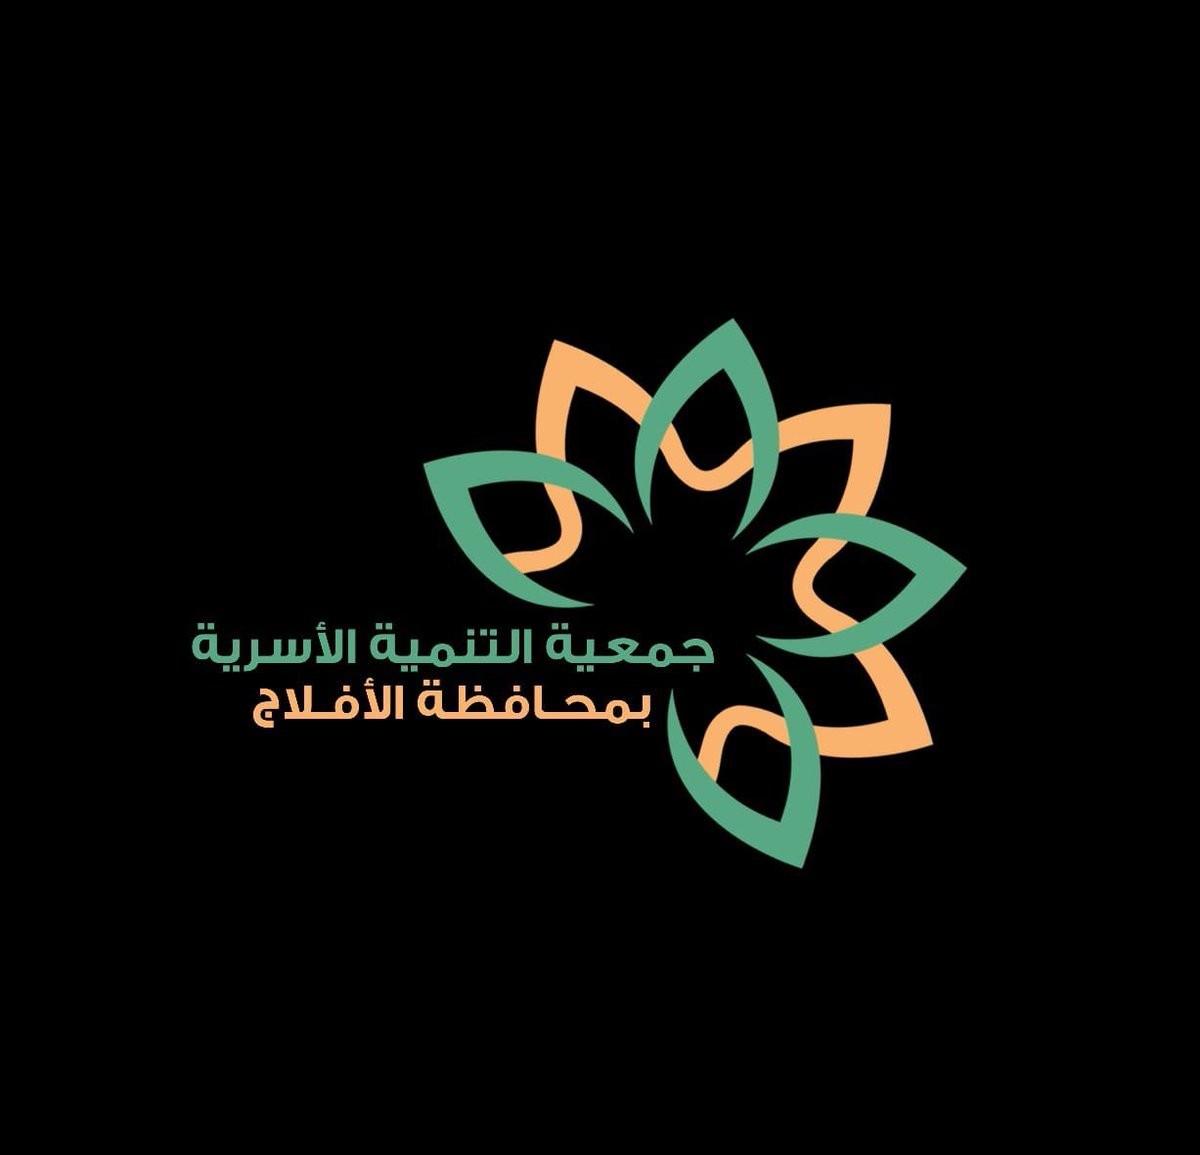 جمعية التنمية الأسرية بالافلاج